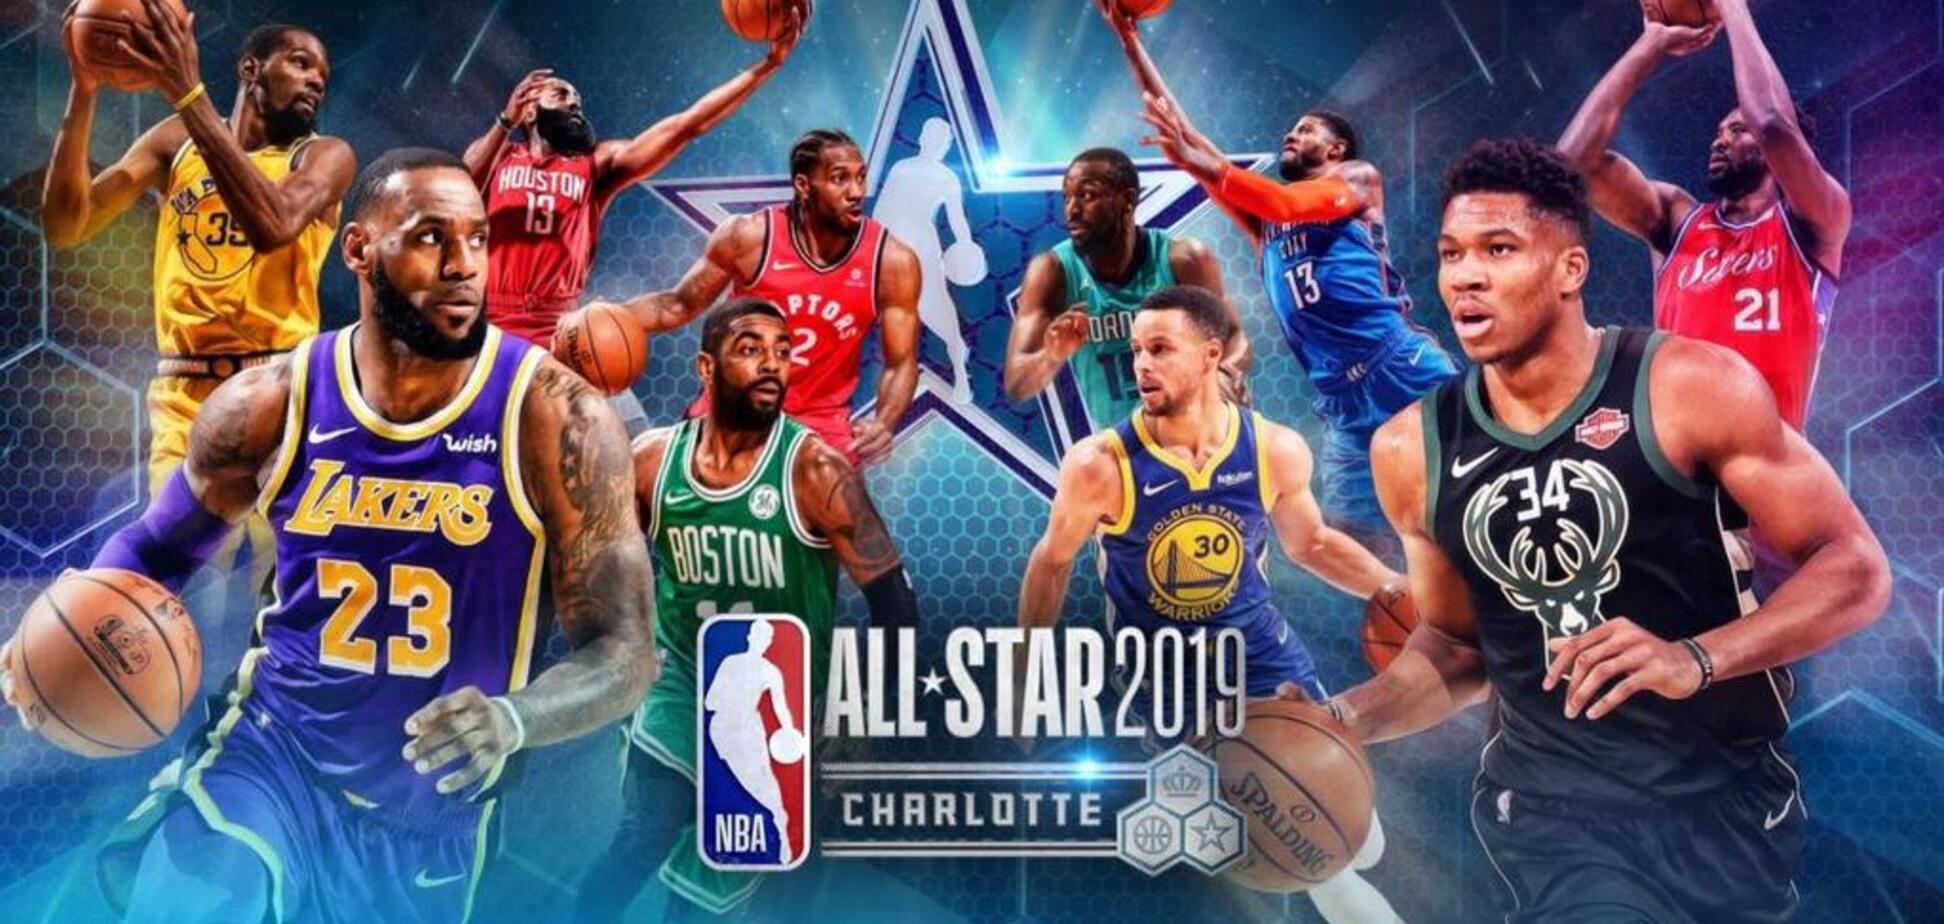 В США прошел феерический Матч звезд НБА